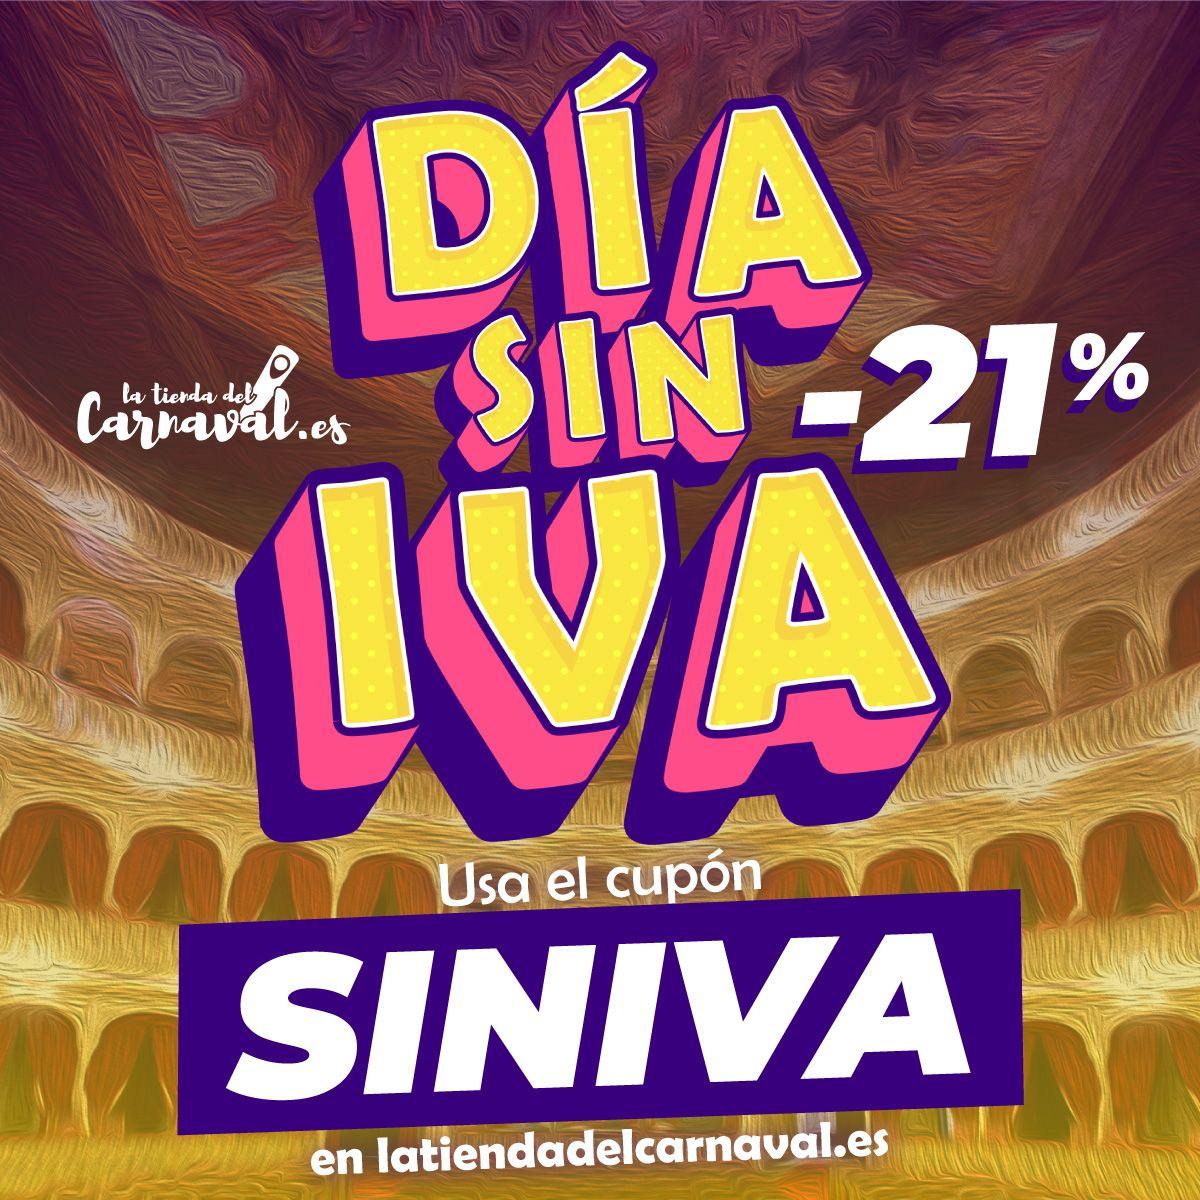 DÍA SIN IVA en La Tienda del Carnaval de Cádiz